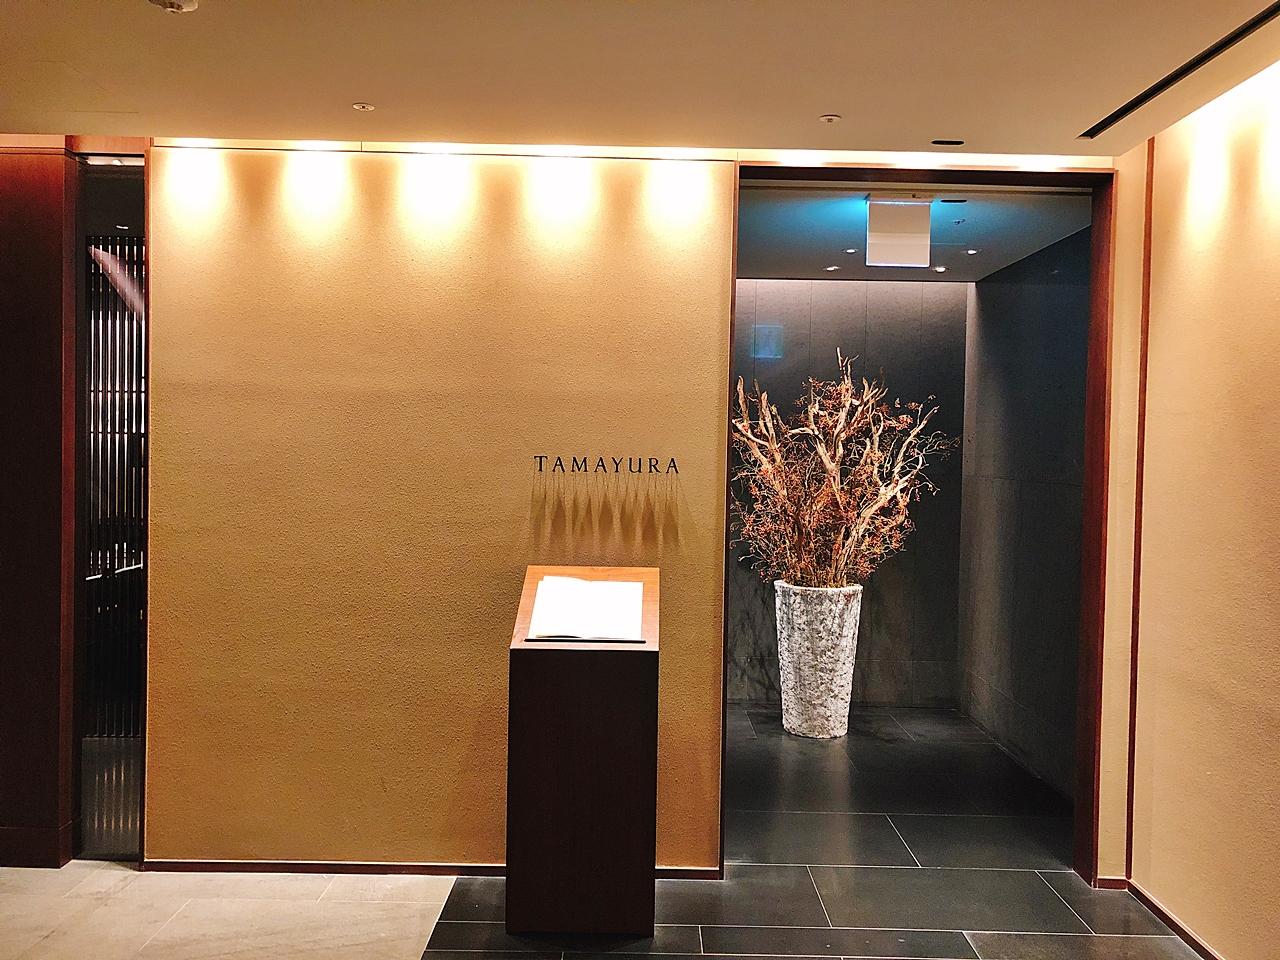 [반포JW메리어트]타마유라-뒷주방요리가 인상적인 우태운셰프의 오마카세